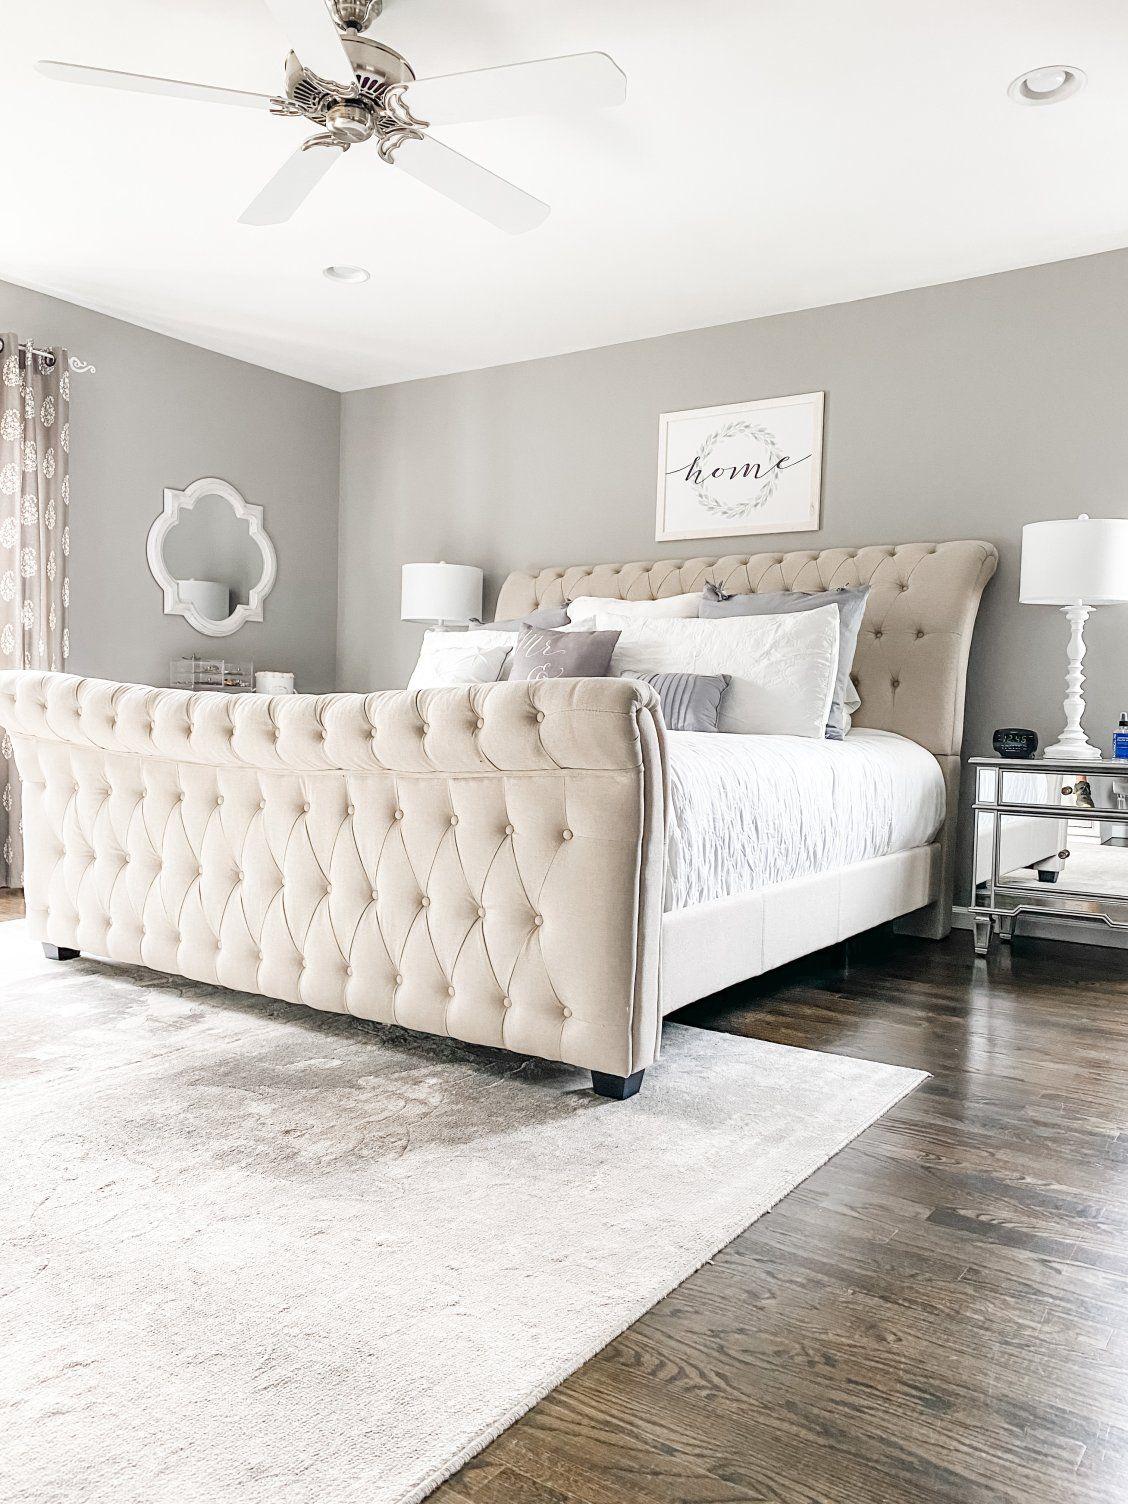 Odette King Bed In 2020 Upholstered Bed Master Bedroom Master Bedroom Furniture Bedroom Refresh